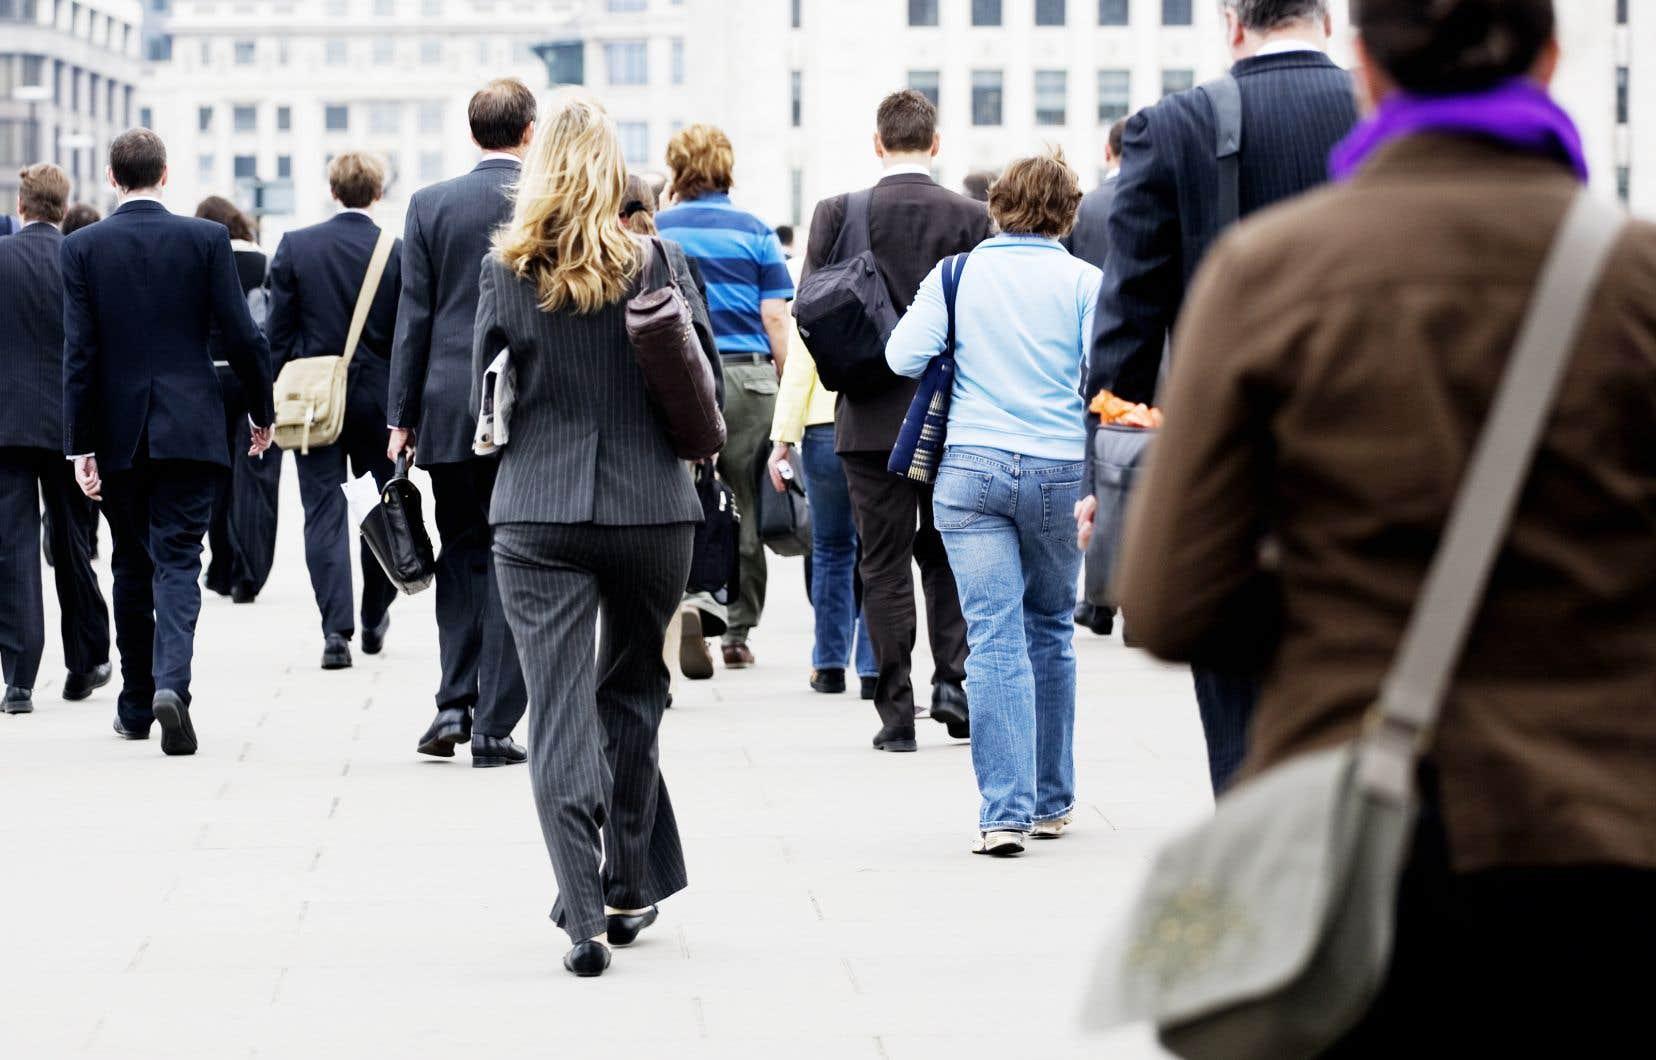 Il n'existe pas de statistiques officielles sur le nombre de cas ou de plaintes de harcèlement psychologique ou sexuel en milieu de travail.